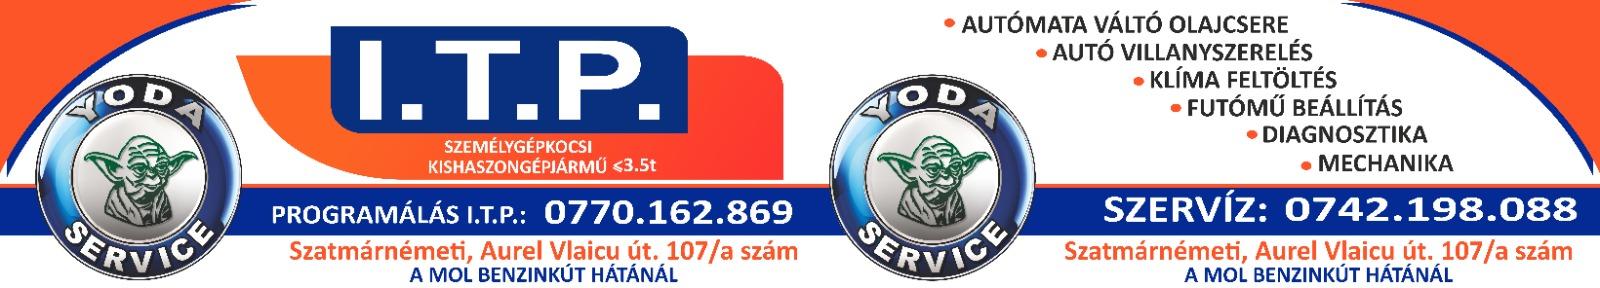 Yoda Service